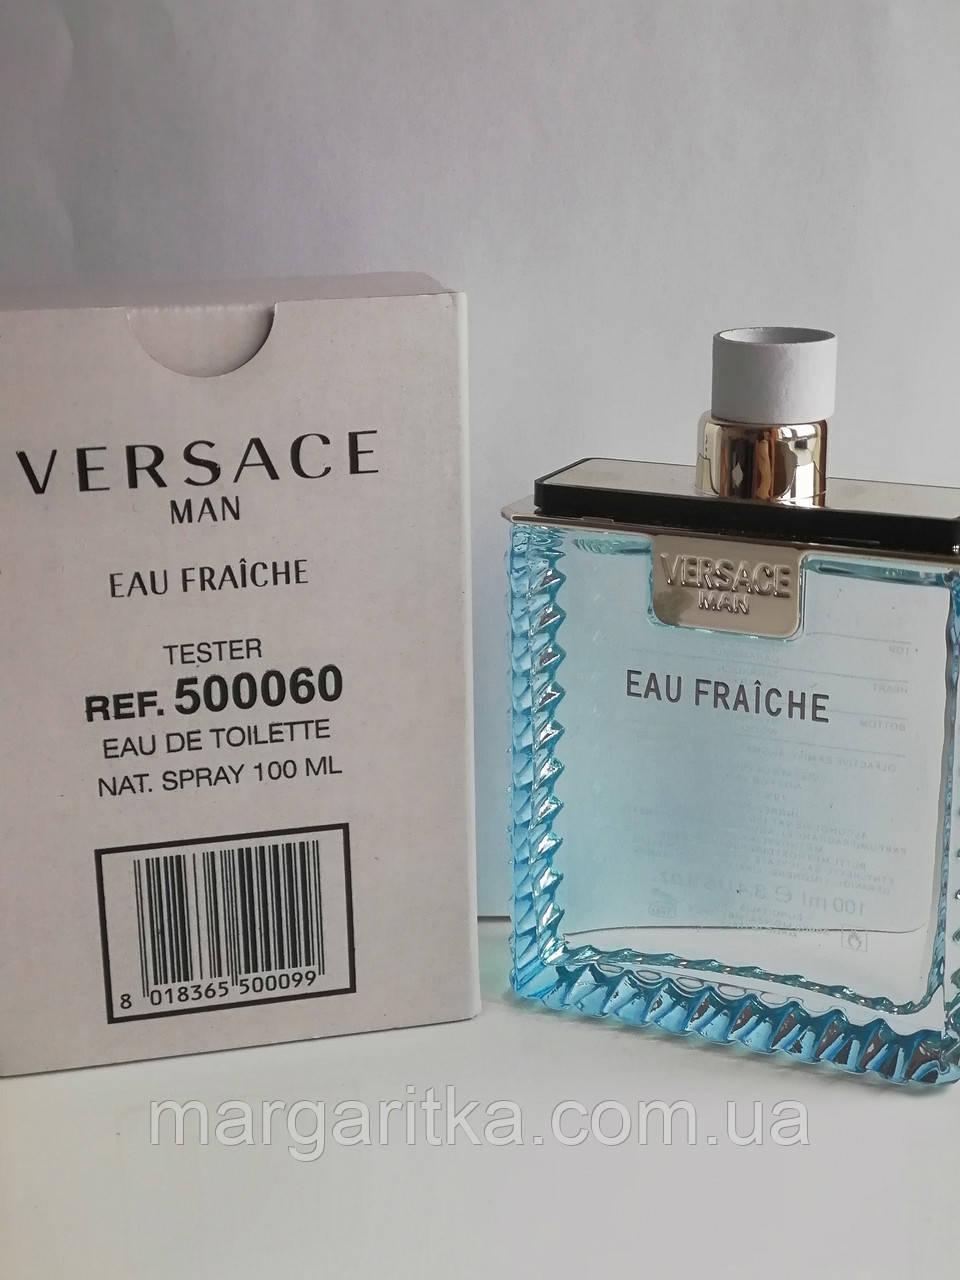 Парфюмированная вода Versace Man Eau Fraiche Тестер LUX мужской (копия)